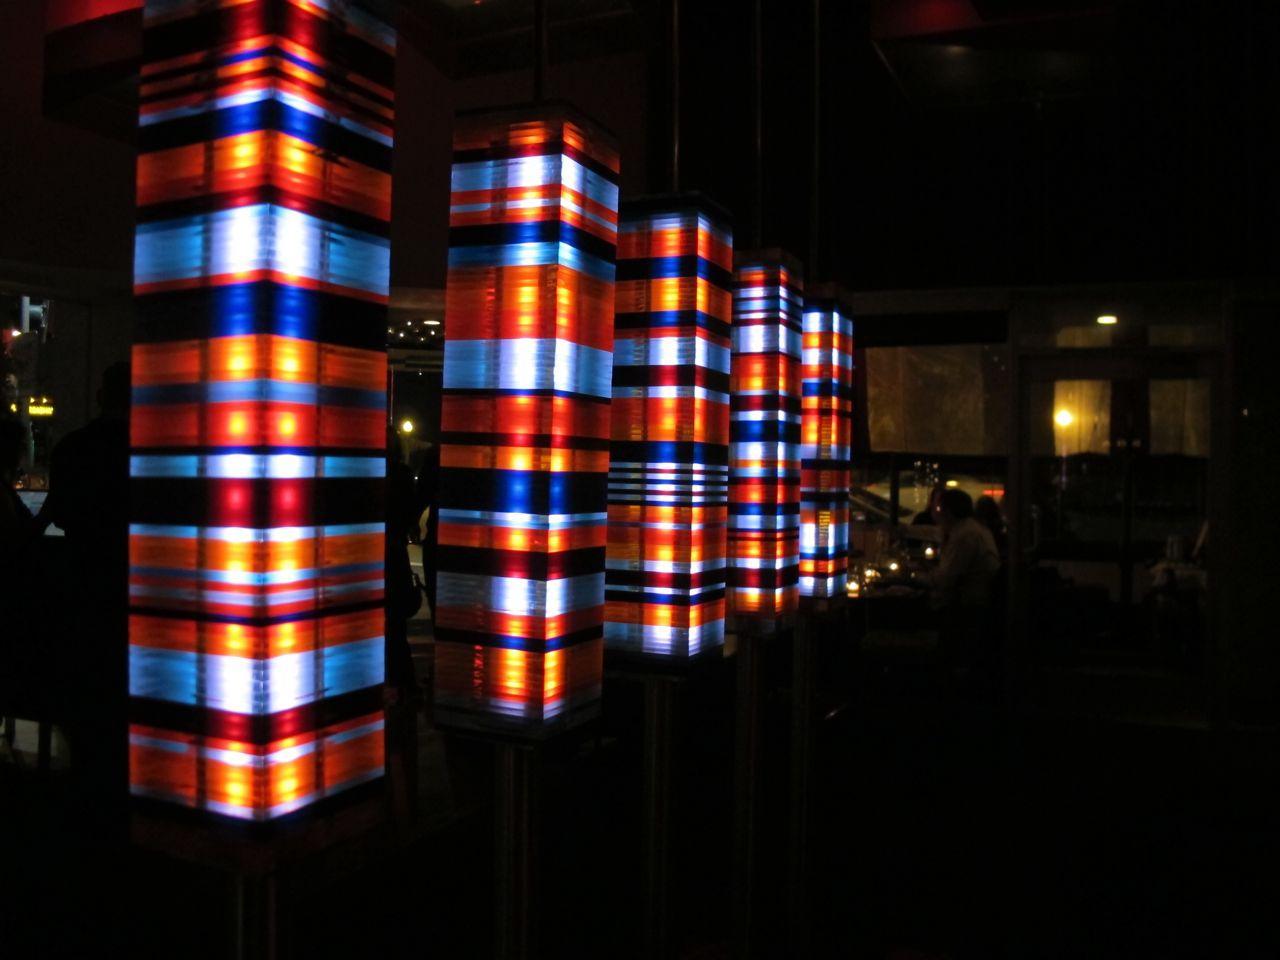 BOA Steakhouse Santa Monica